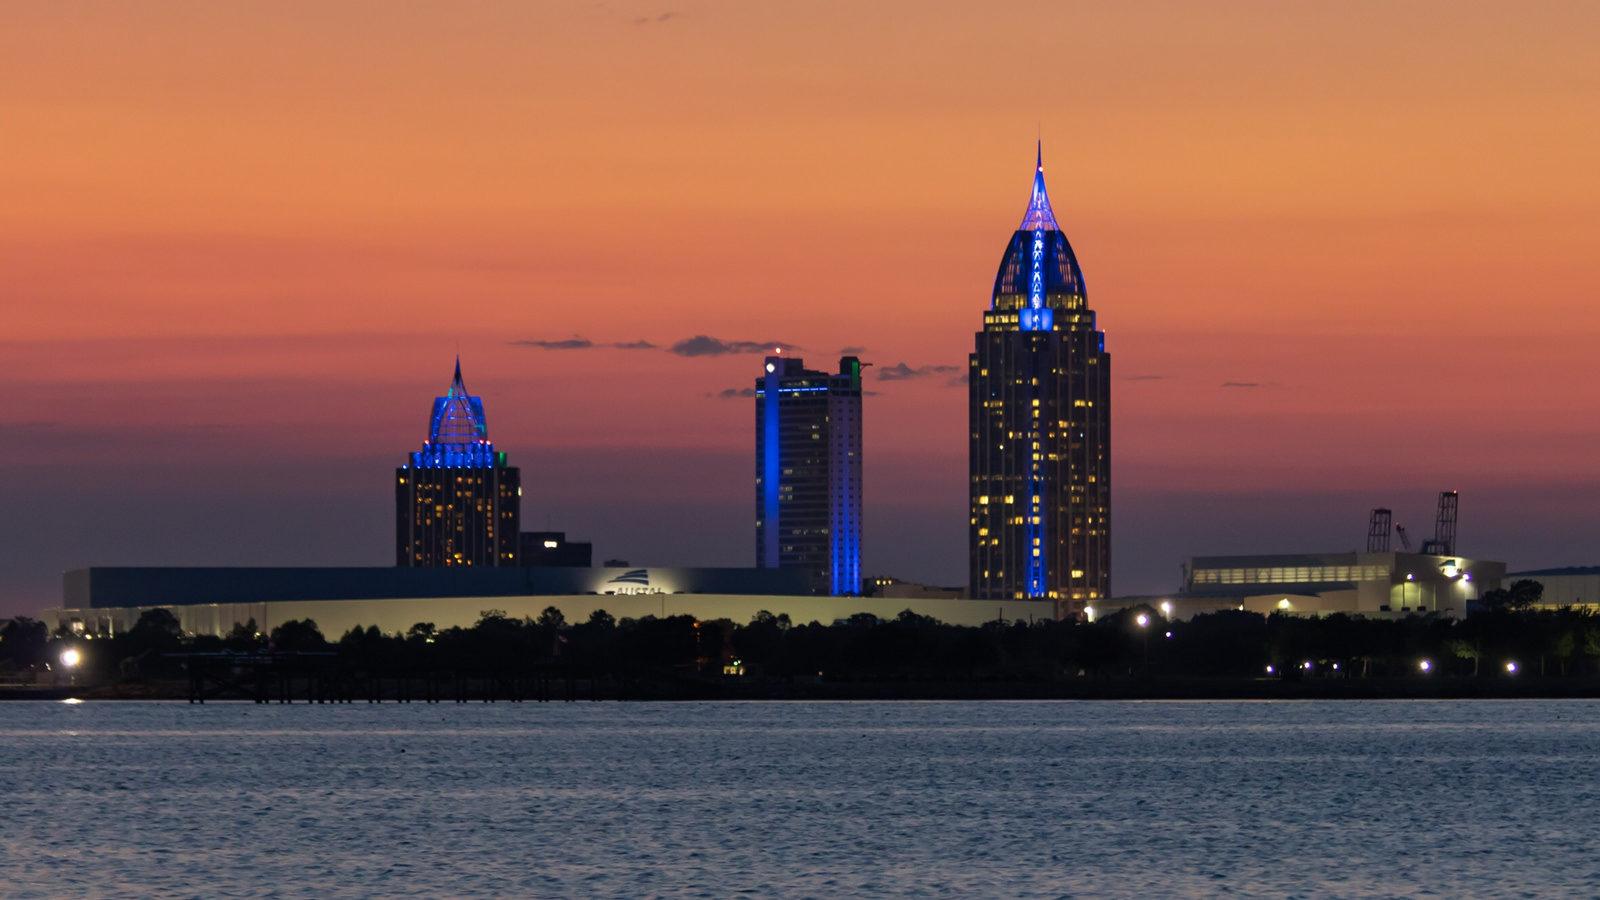 Skyline of Mobile, AL after sunset